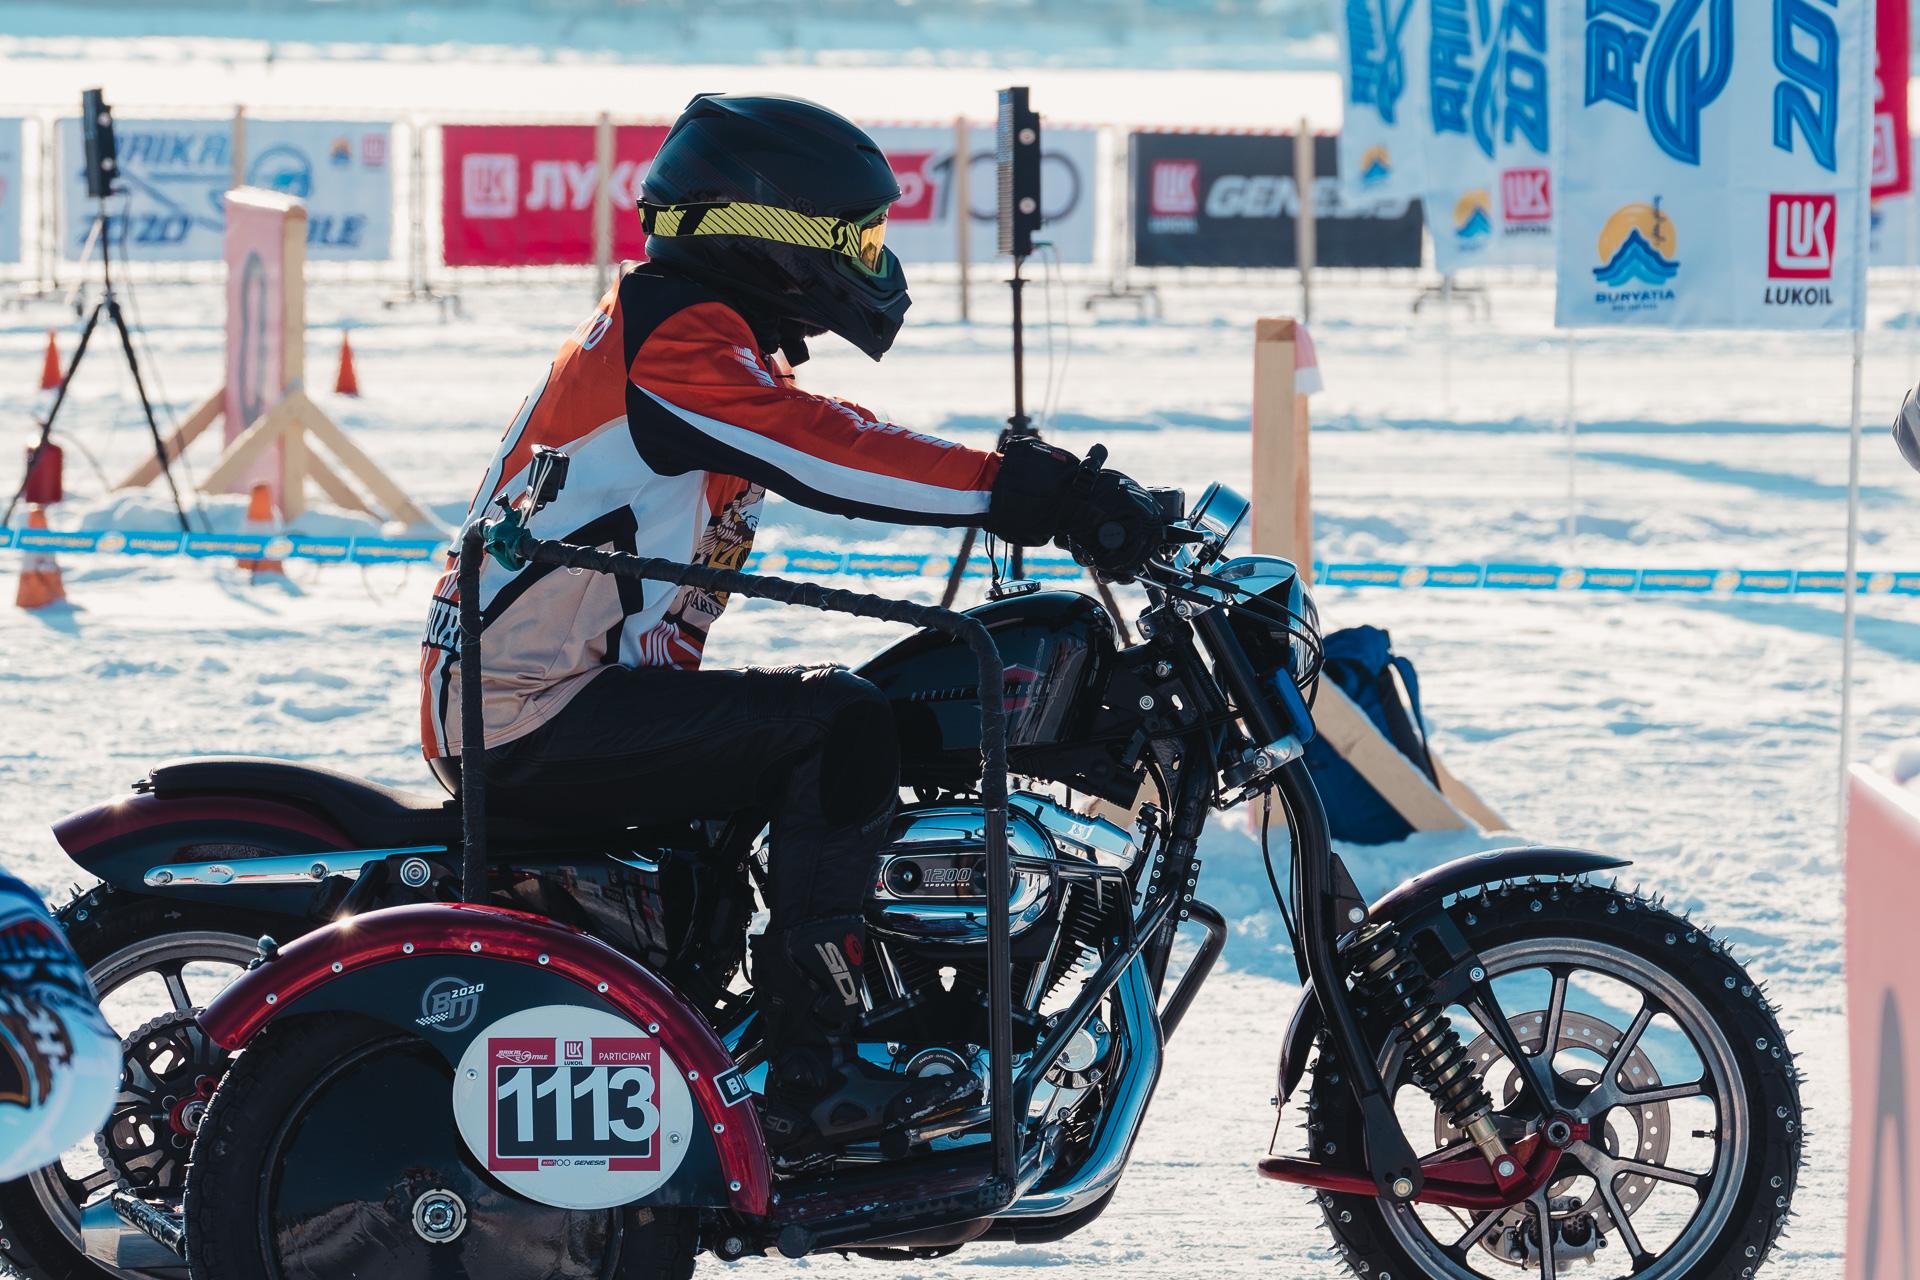 Байкальская Миля 2020 - Тимошенко Виталий Harley Davidson Spotster 2015 HOG Ekaterinburg